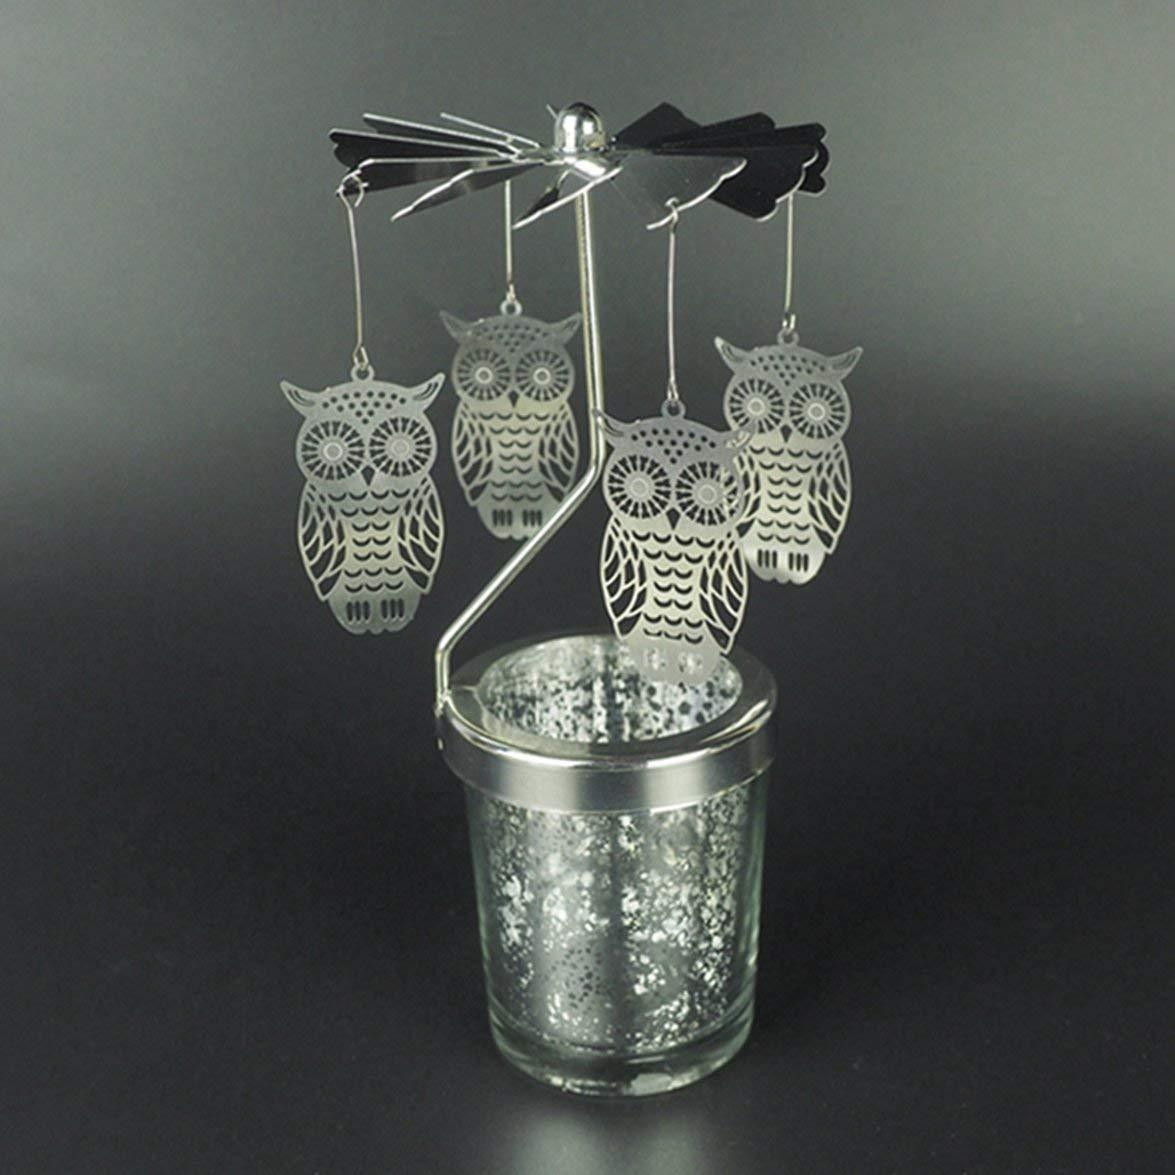 Kongqiabona Forma del Gufo Romantico Rotazione candeliere Girevole Porta Mulino a Vento Cielo Stellato portacandele DIY Tavolo scrivania Decor Regalo di Natale